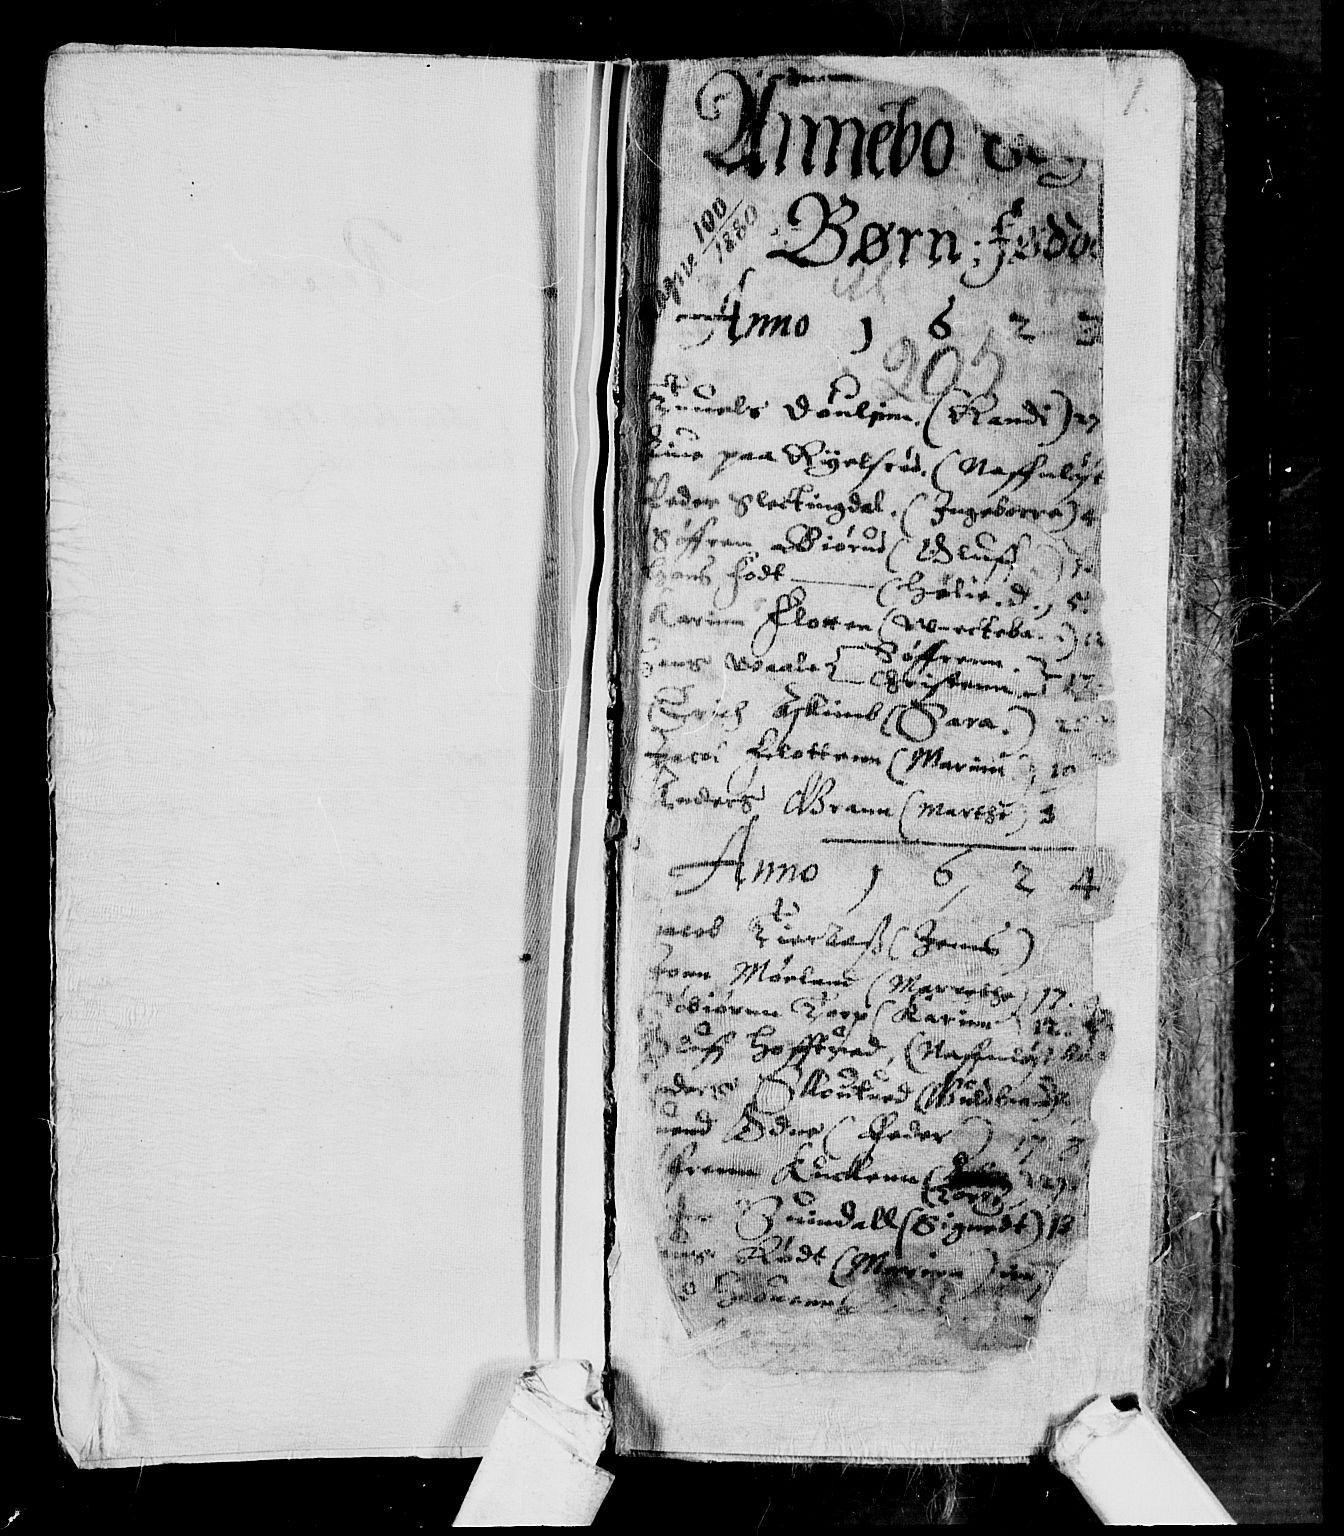 SAKO, Andebu kirkebøker, F/Fa/L0001: Ministerialbok nr. 1 /1, 1623-1738, s. 1